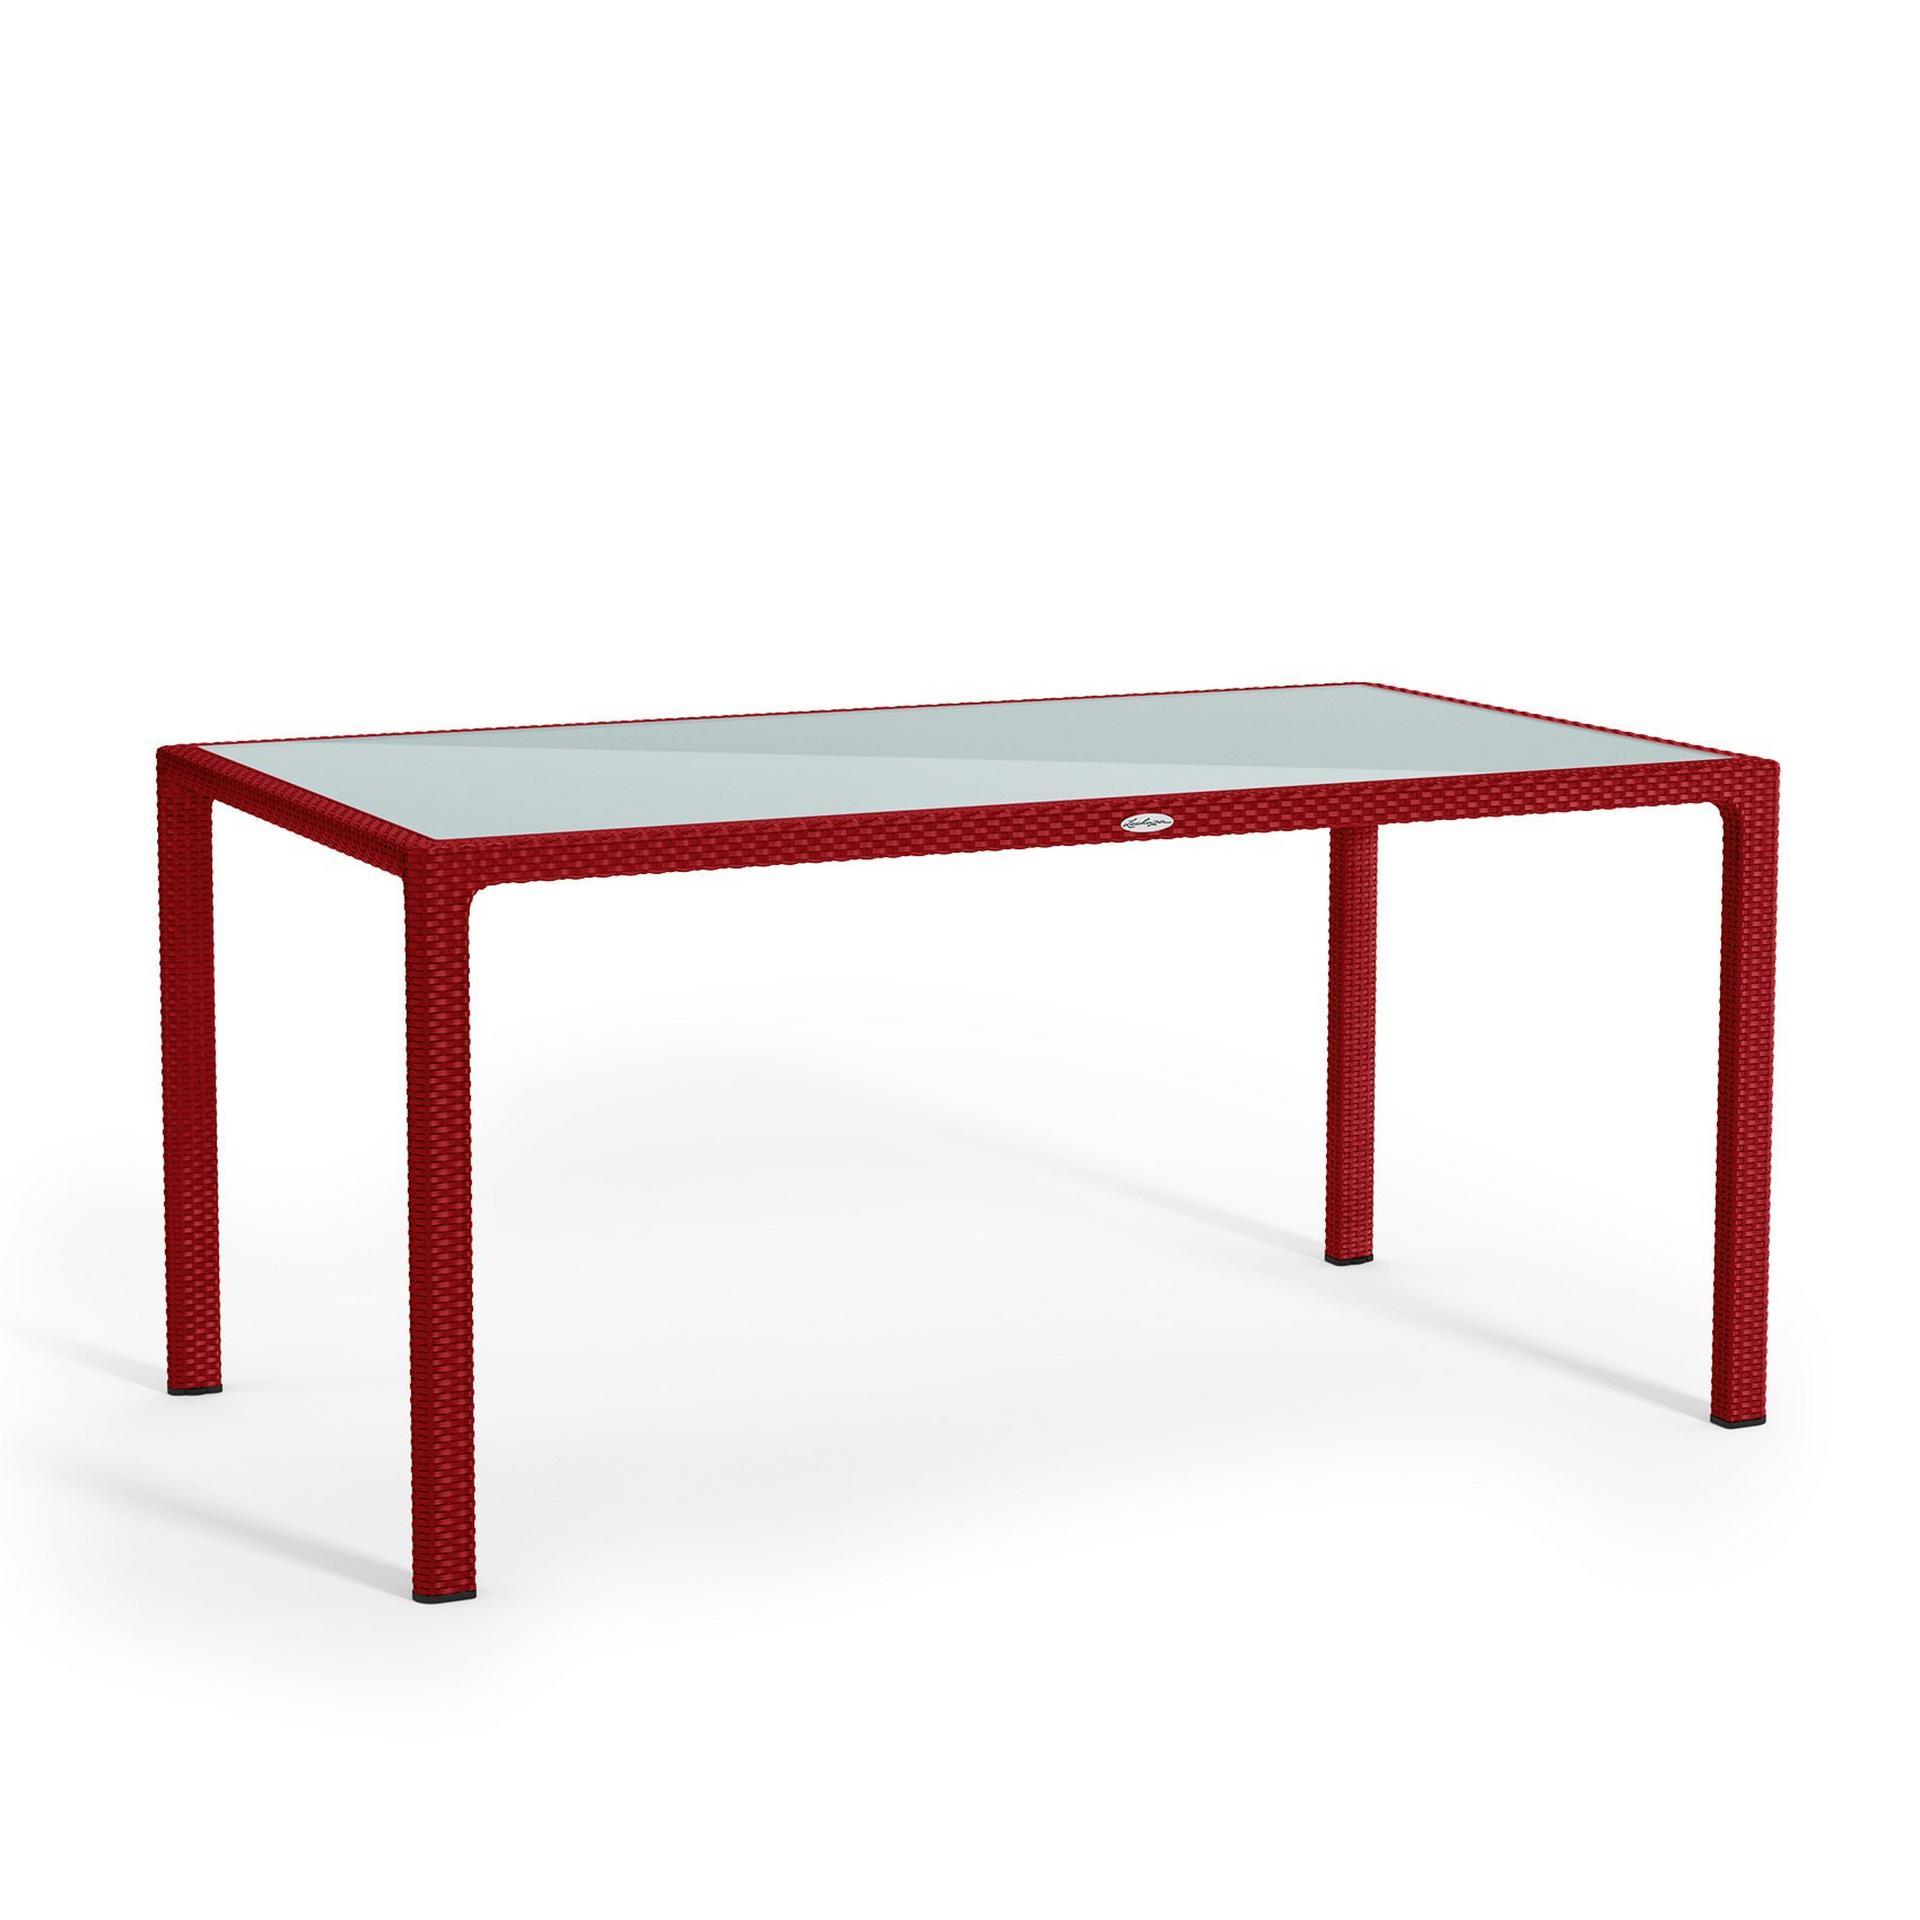 Τραπέζι φαγητού, μεγάλο scarlet red